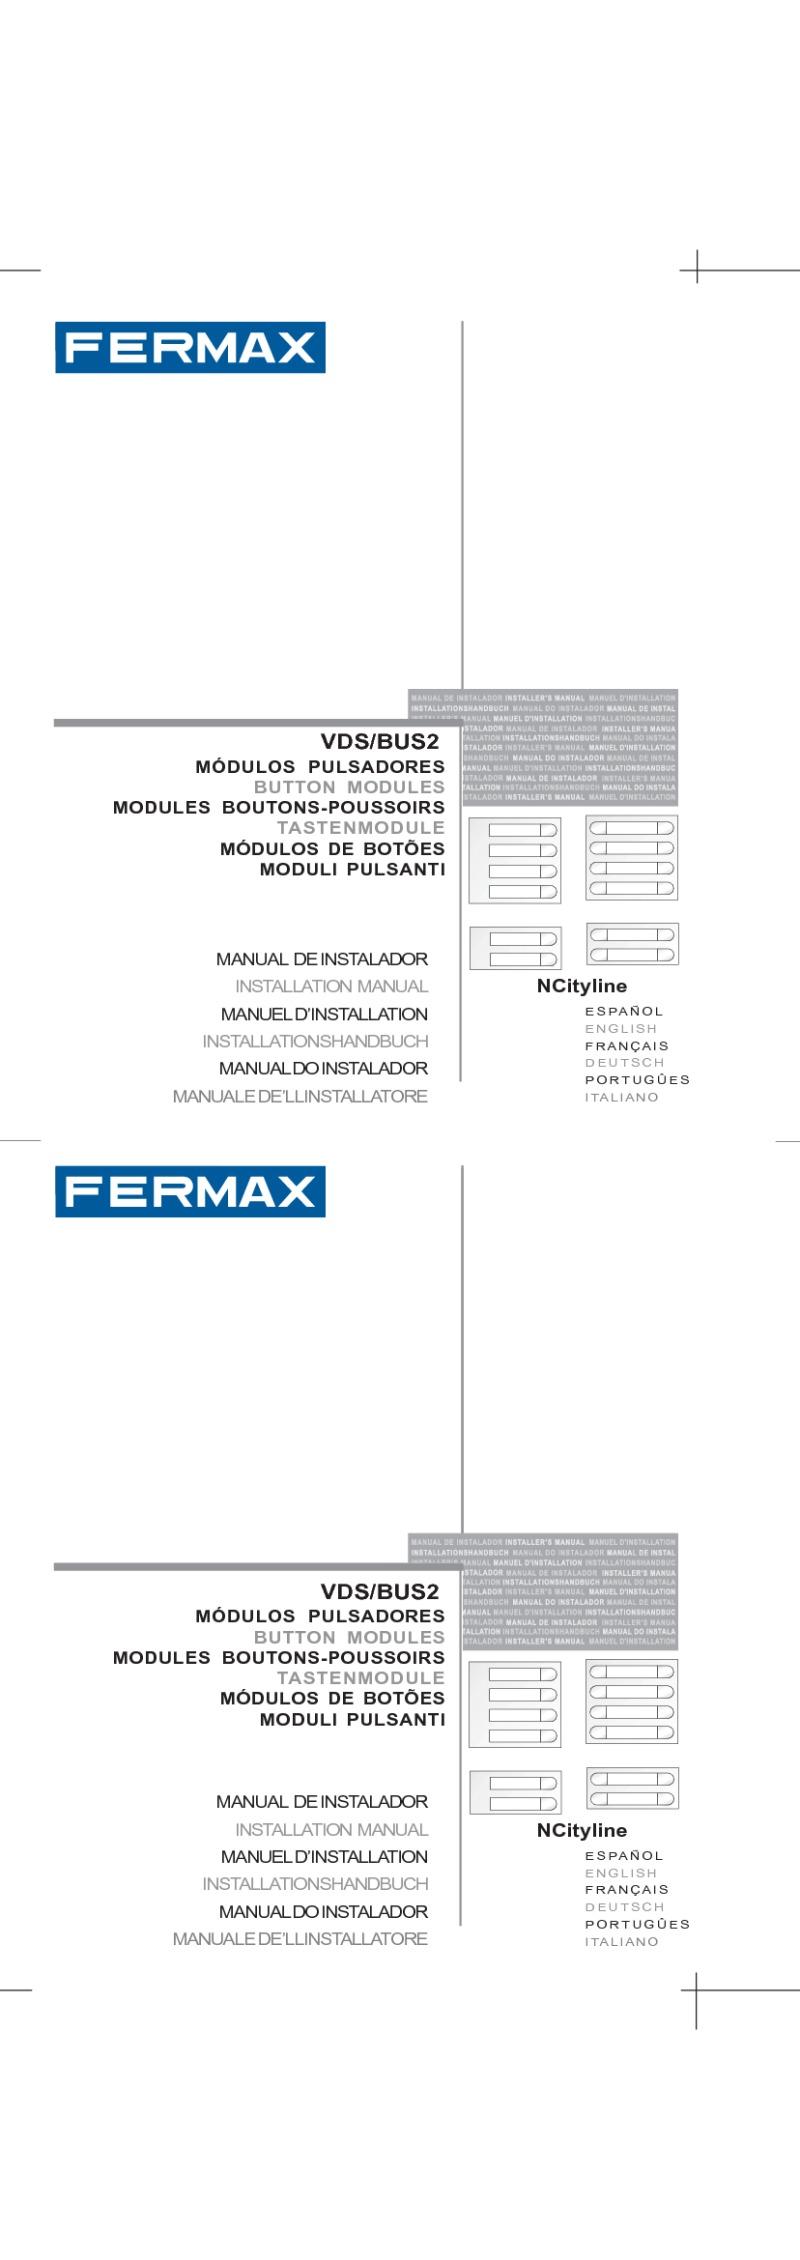 wiring instructions deutsch wire data u2022 rh metroagua co Universal Ignition Switch Wiring Diagram RJ45 Wiring -Diagram